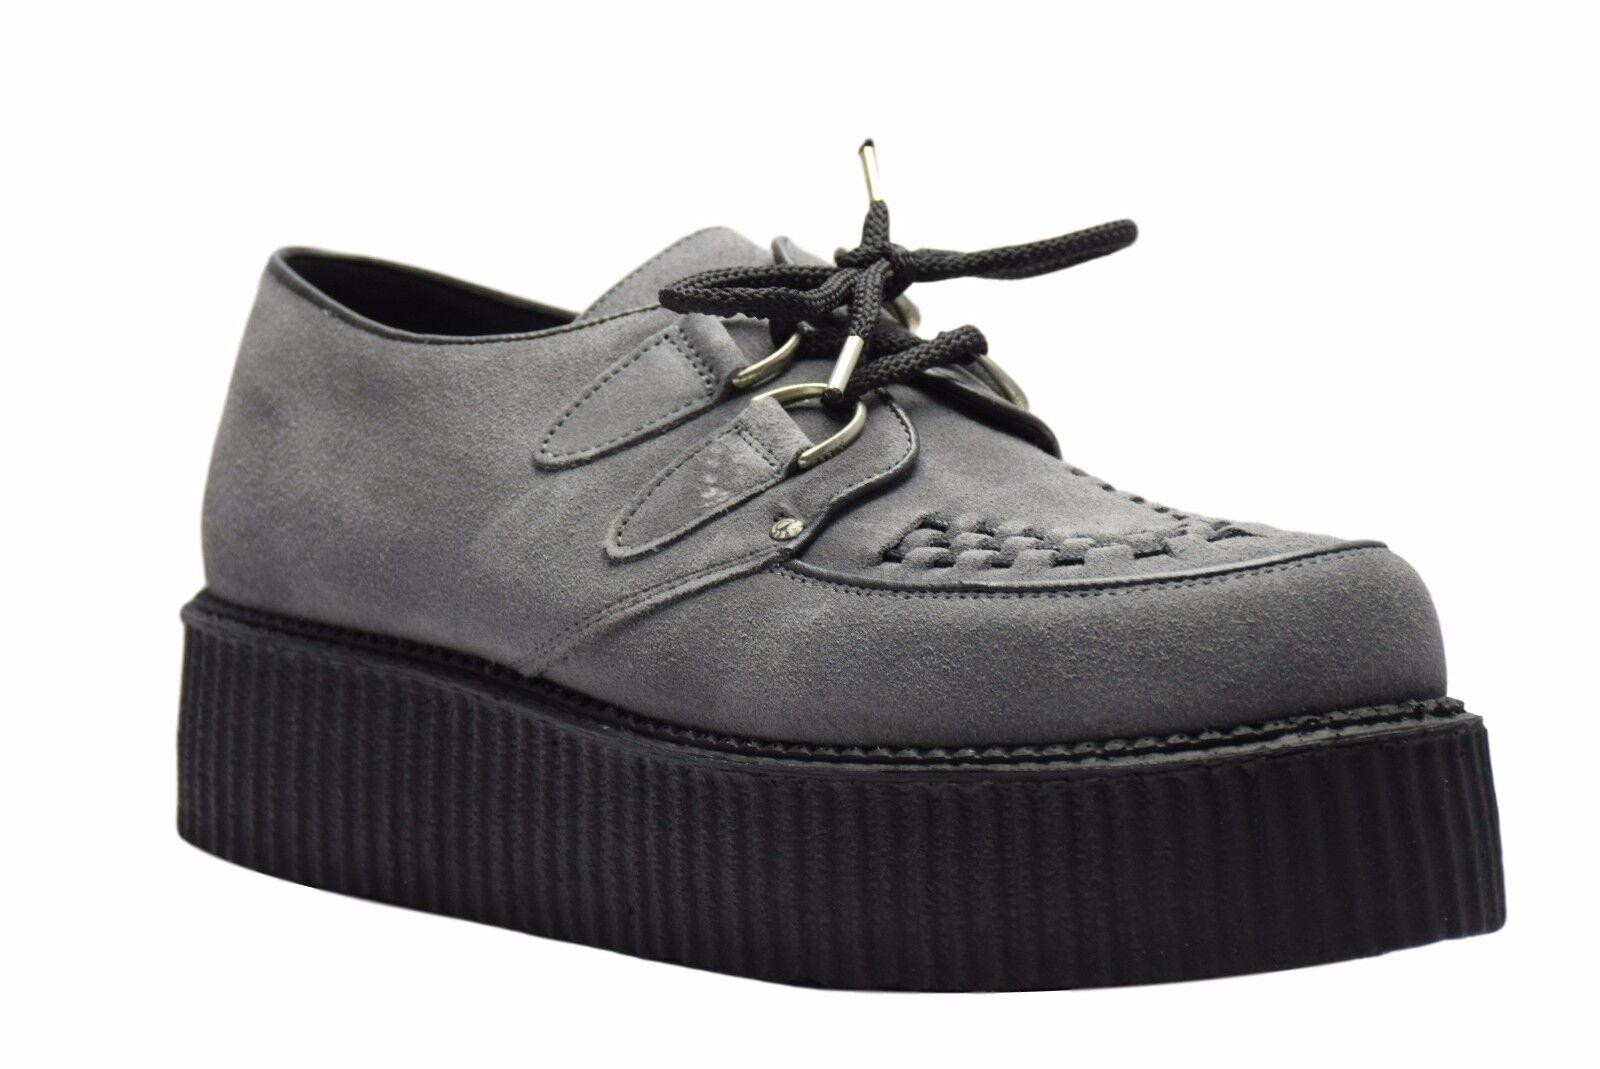 Acier Sol Chaussures en daim gris creepers Haute Semelle D Anneau Décontracté Rock Sc300Z134